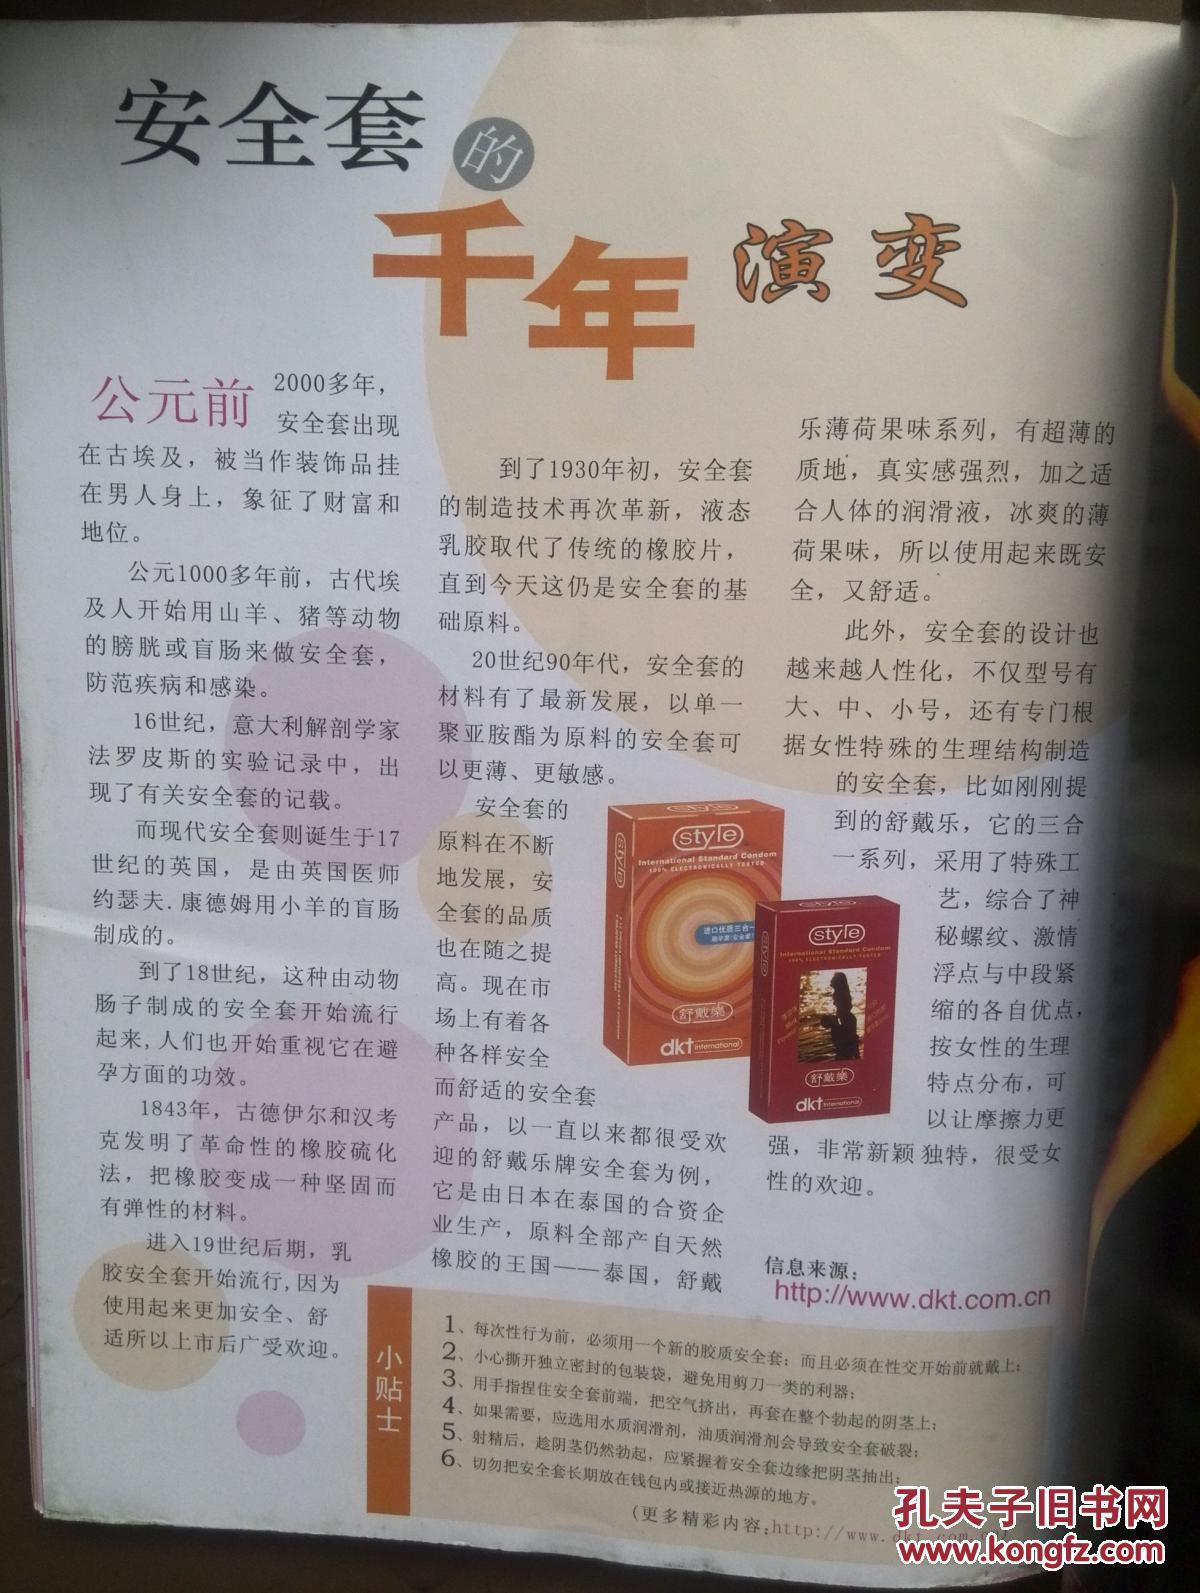 健康100创刊号2005年有创刊词封面美女,舒压全攻略,亚